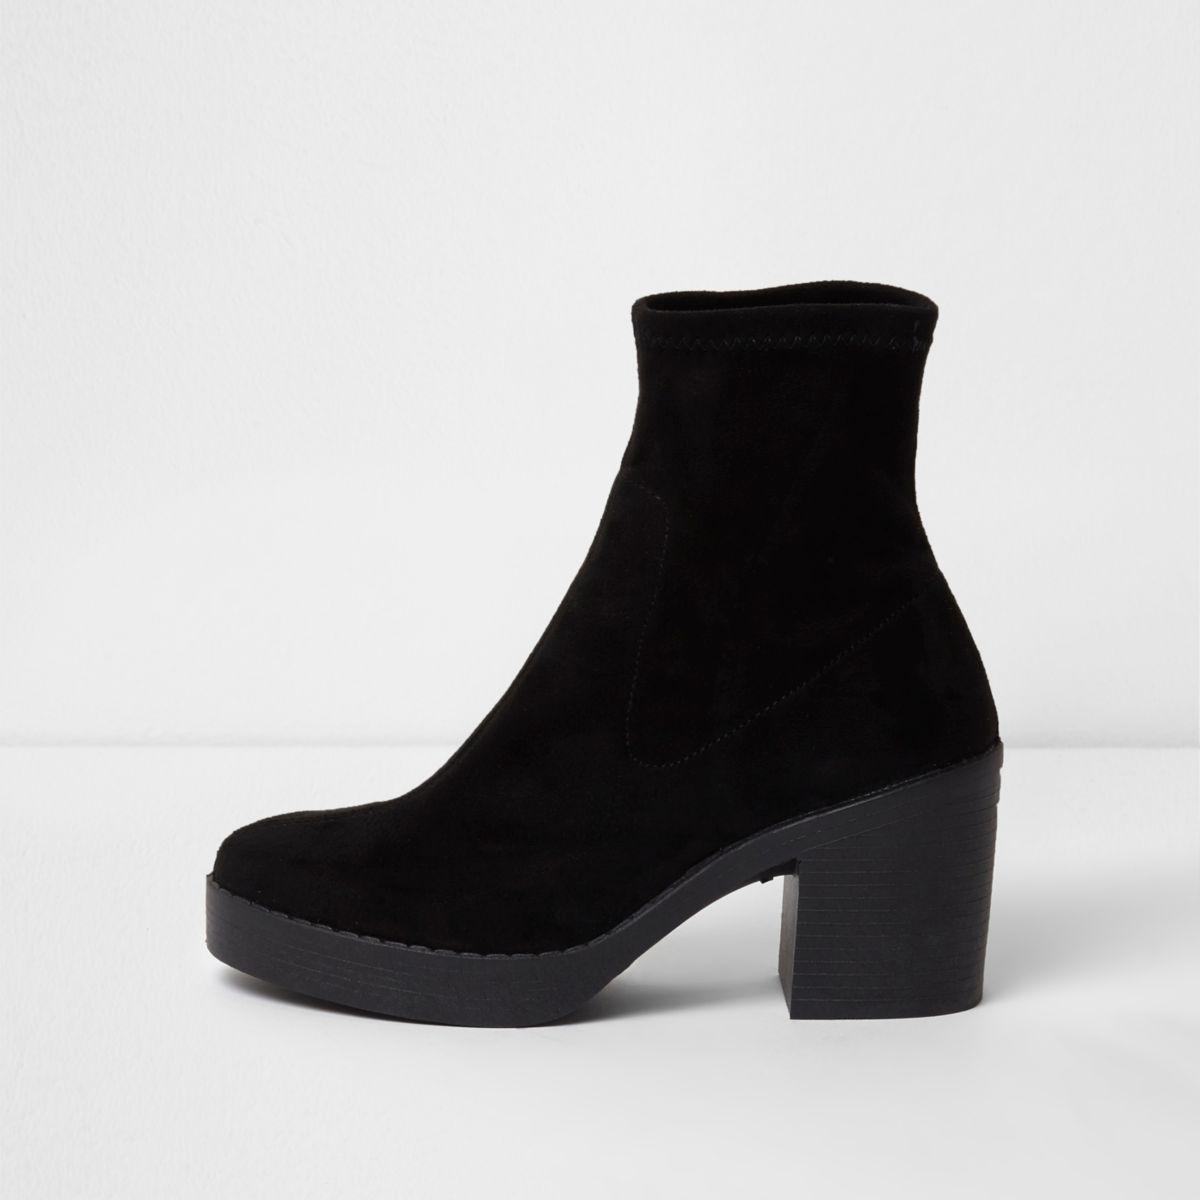 Zwarte laarzen met blokhak en dikke zool